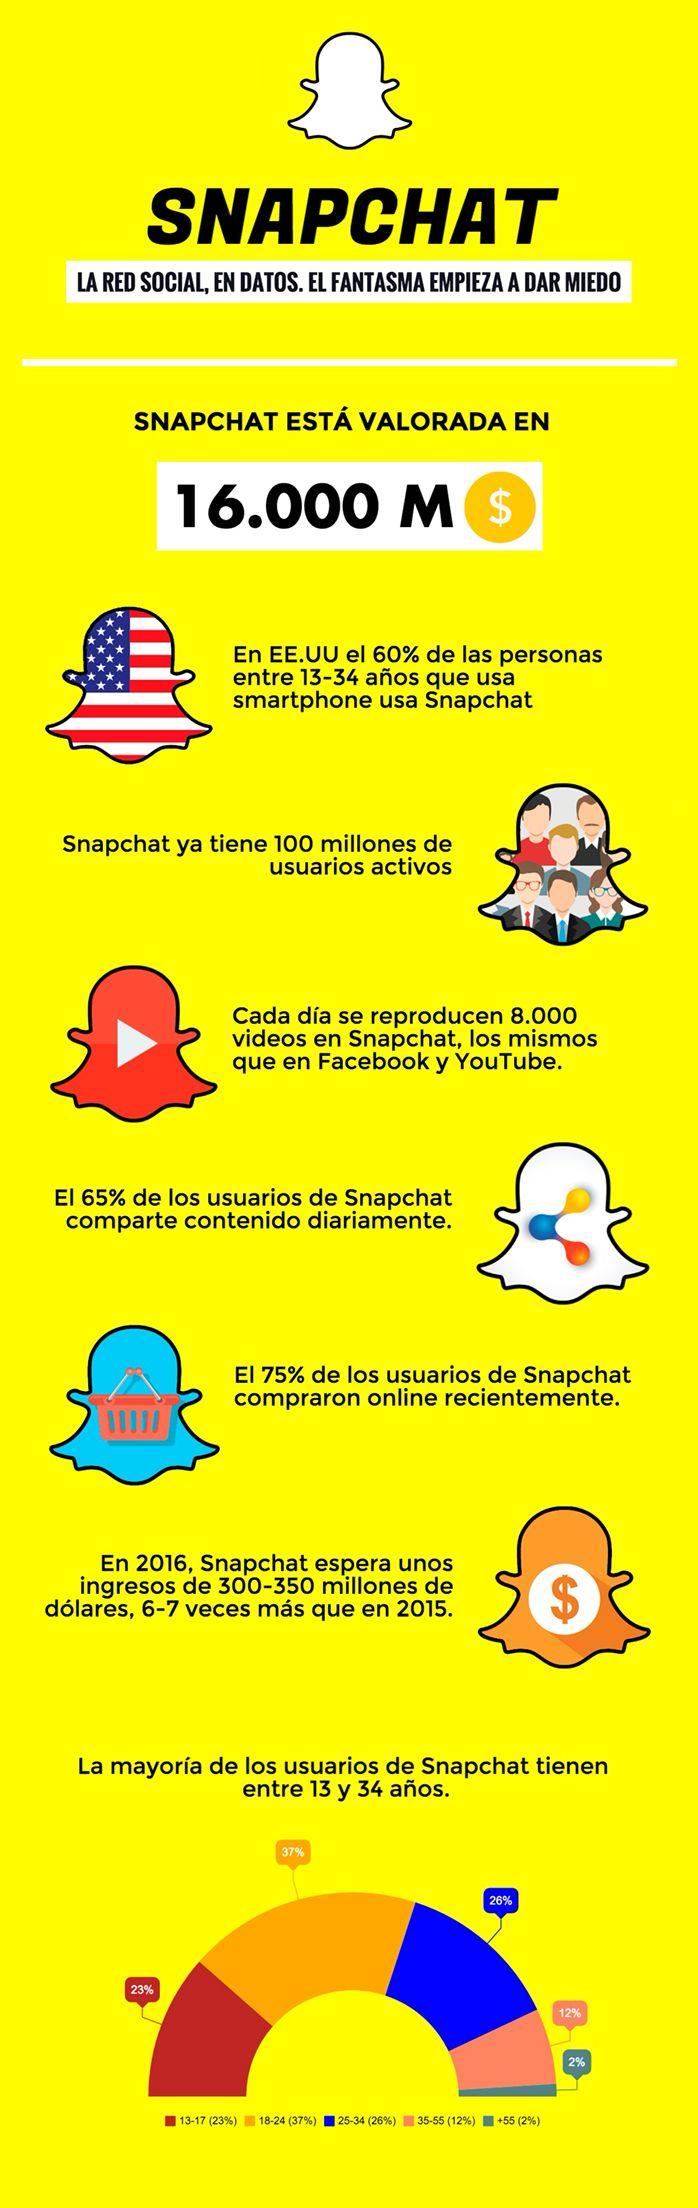 Snapchat: qué es, cómo funciona y todo lo que necesitas saber